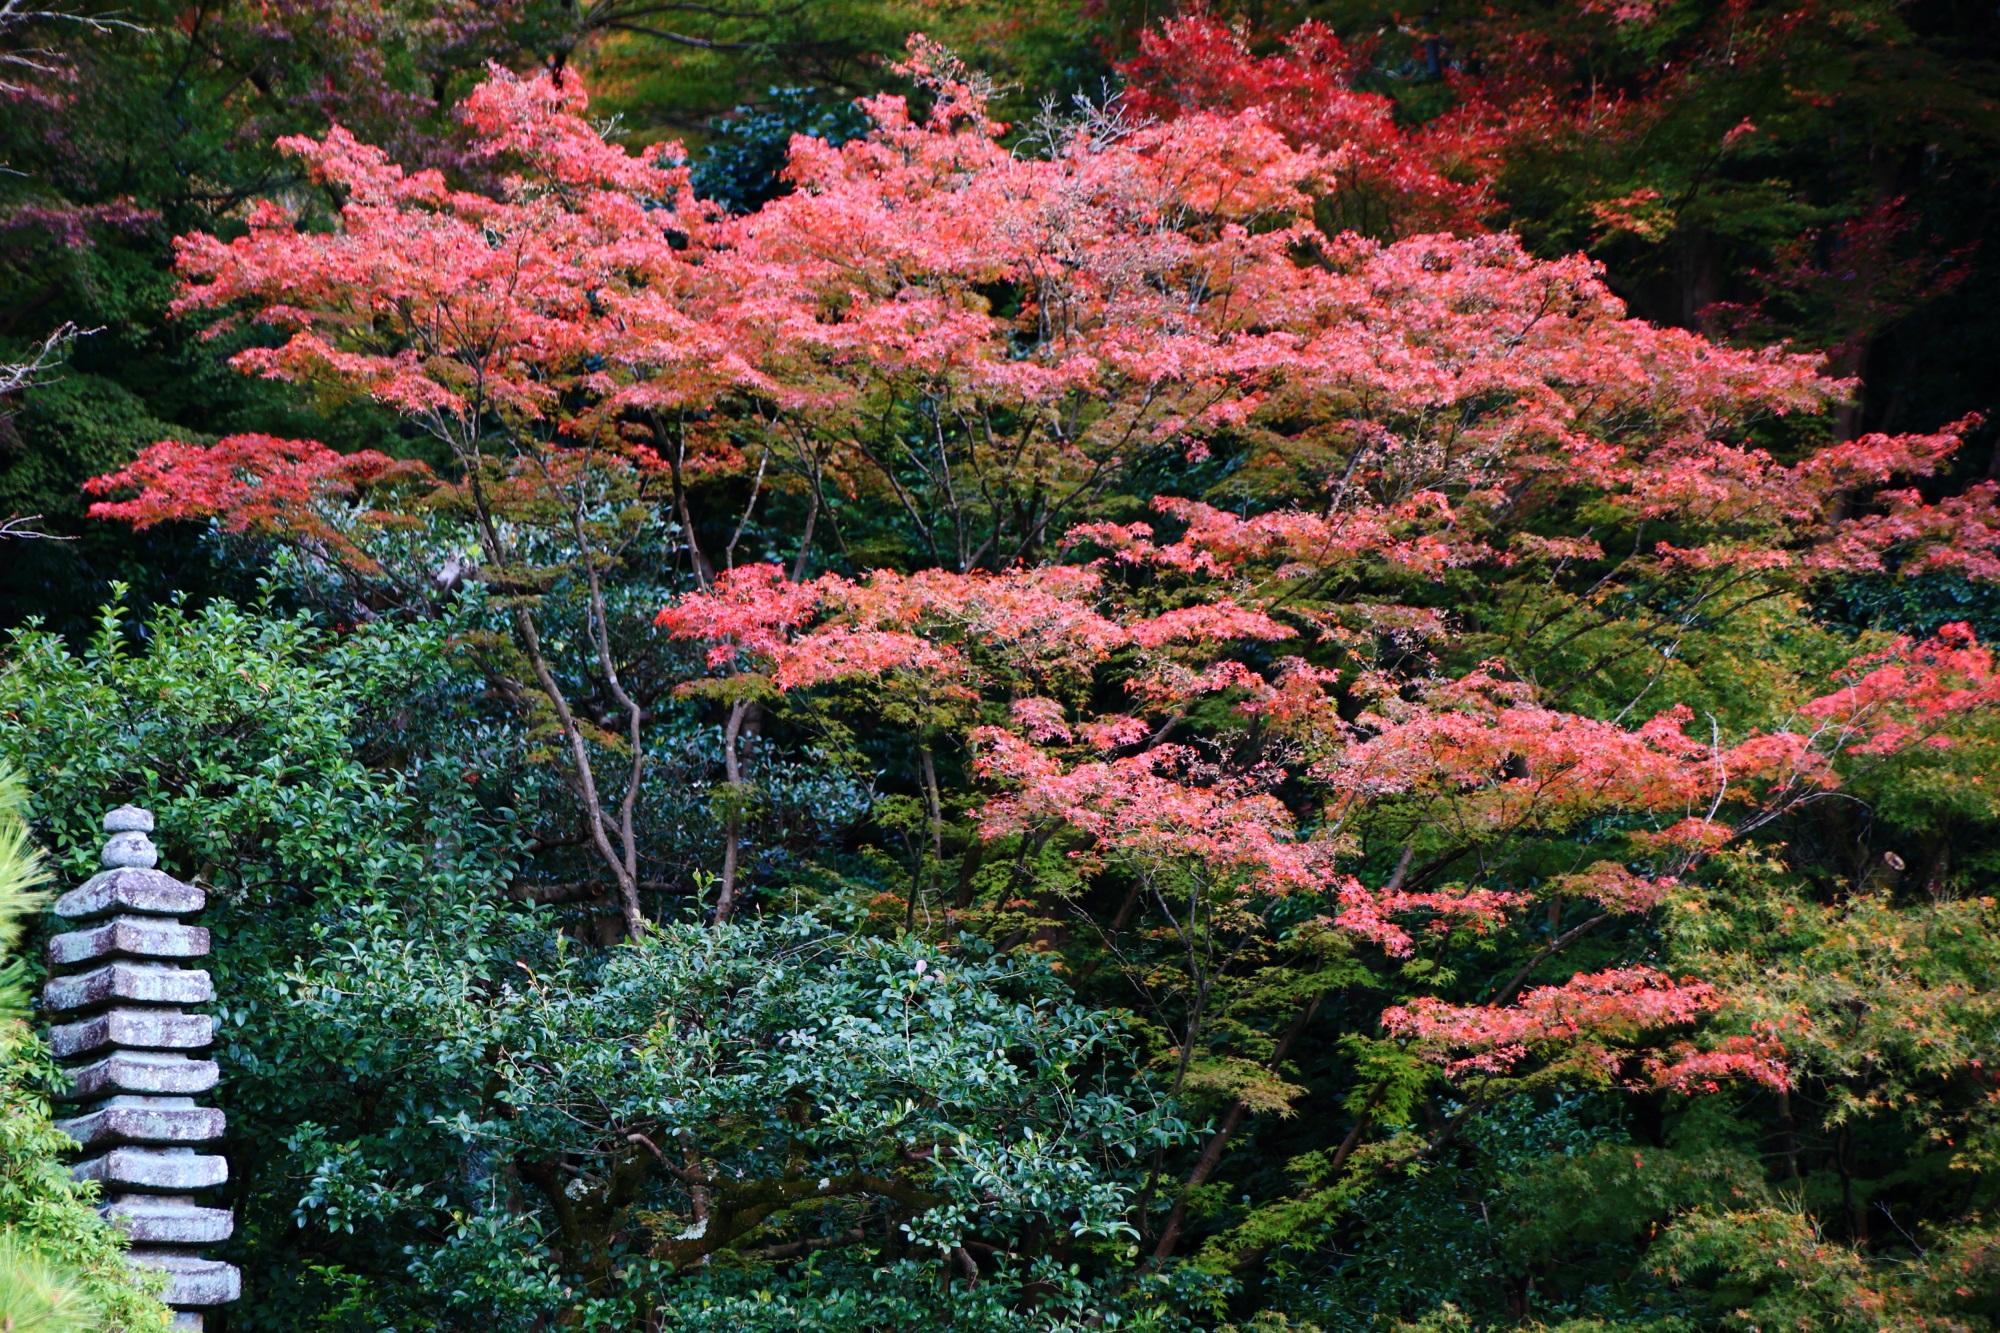 美しい紅葉につつまれた青蓮院門跡の相阿弥の庭